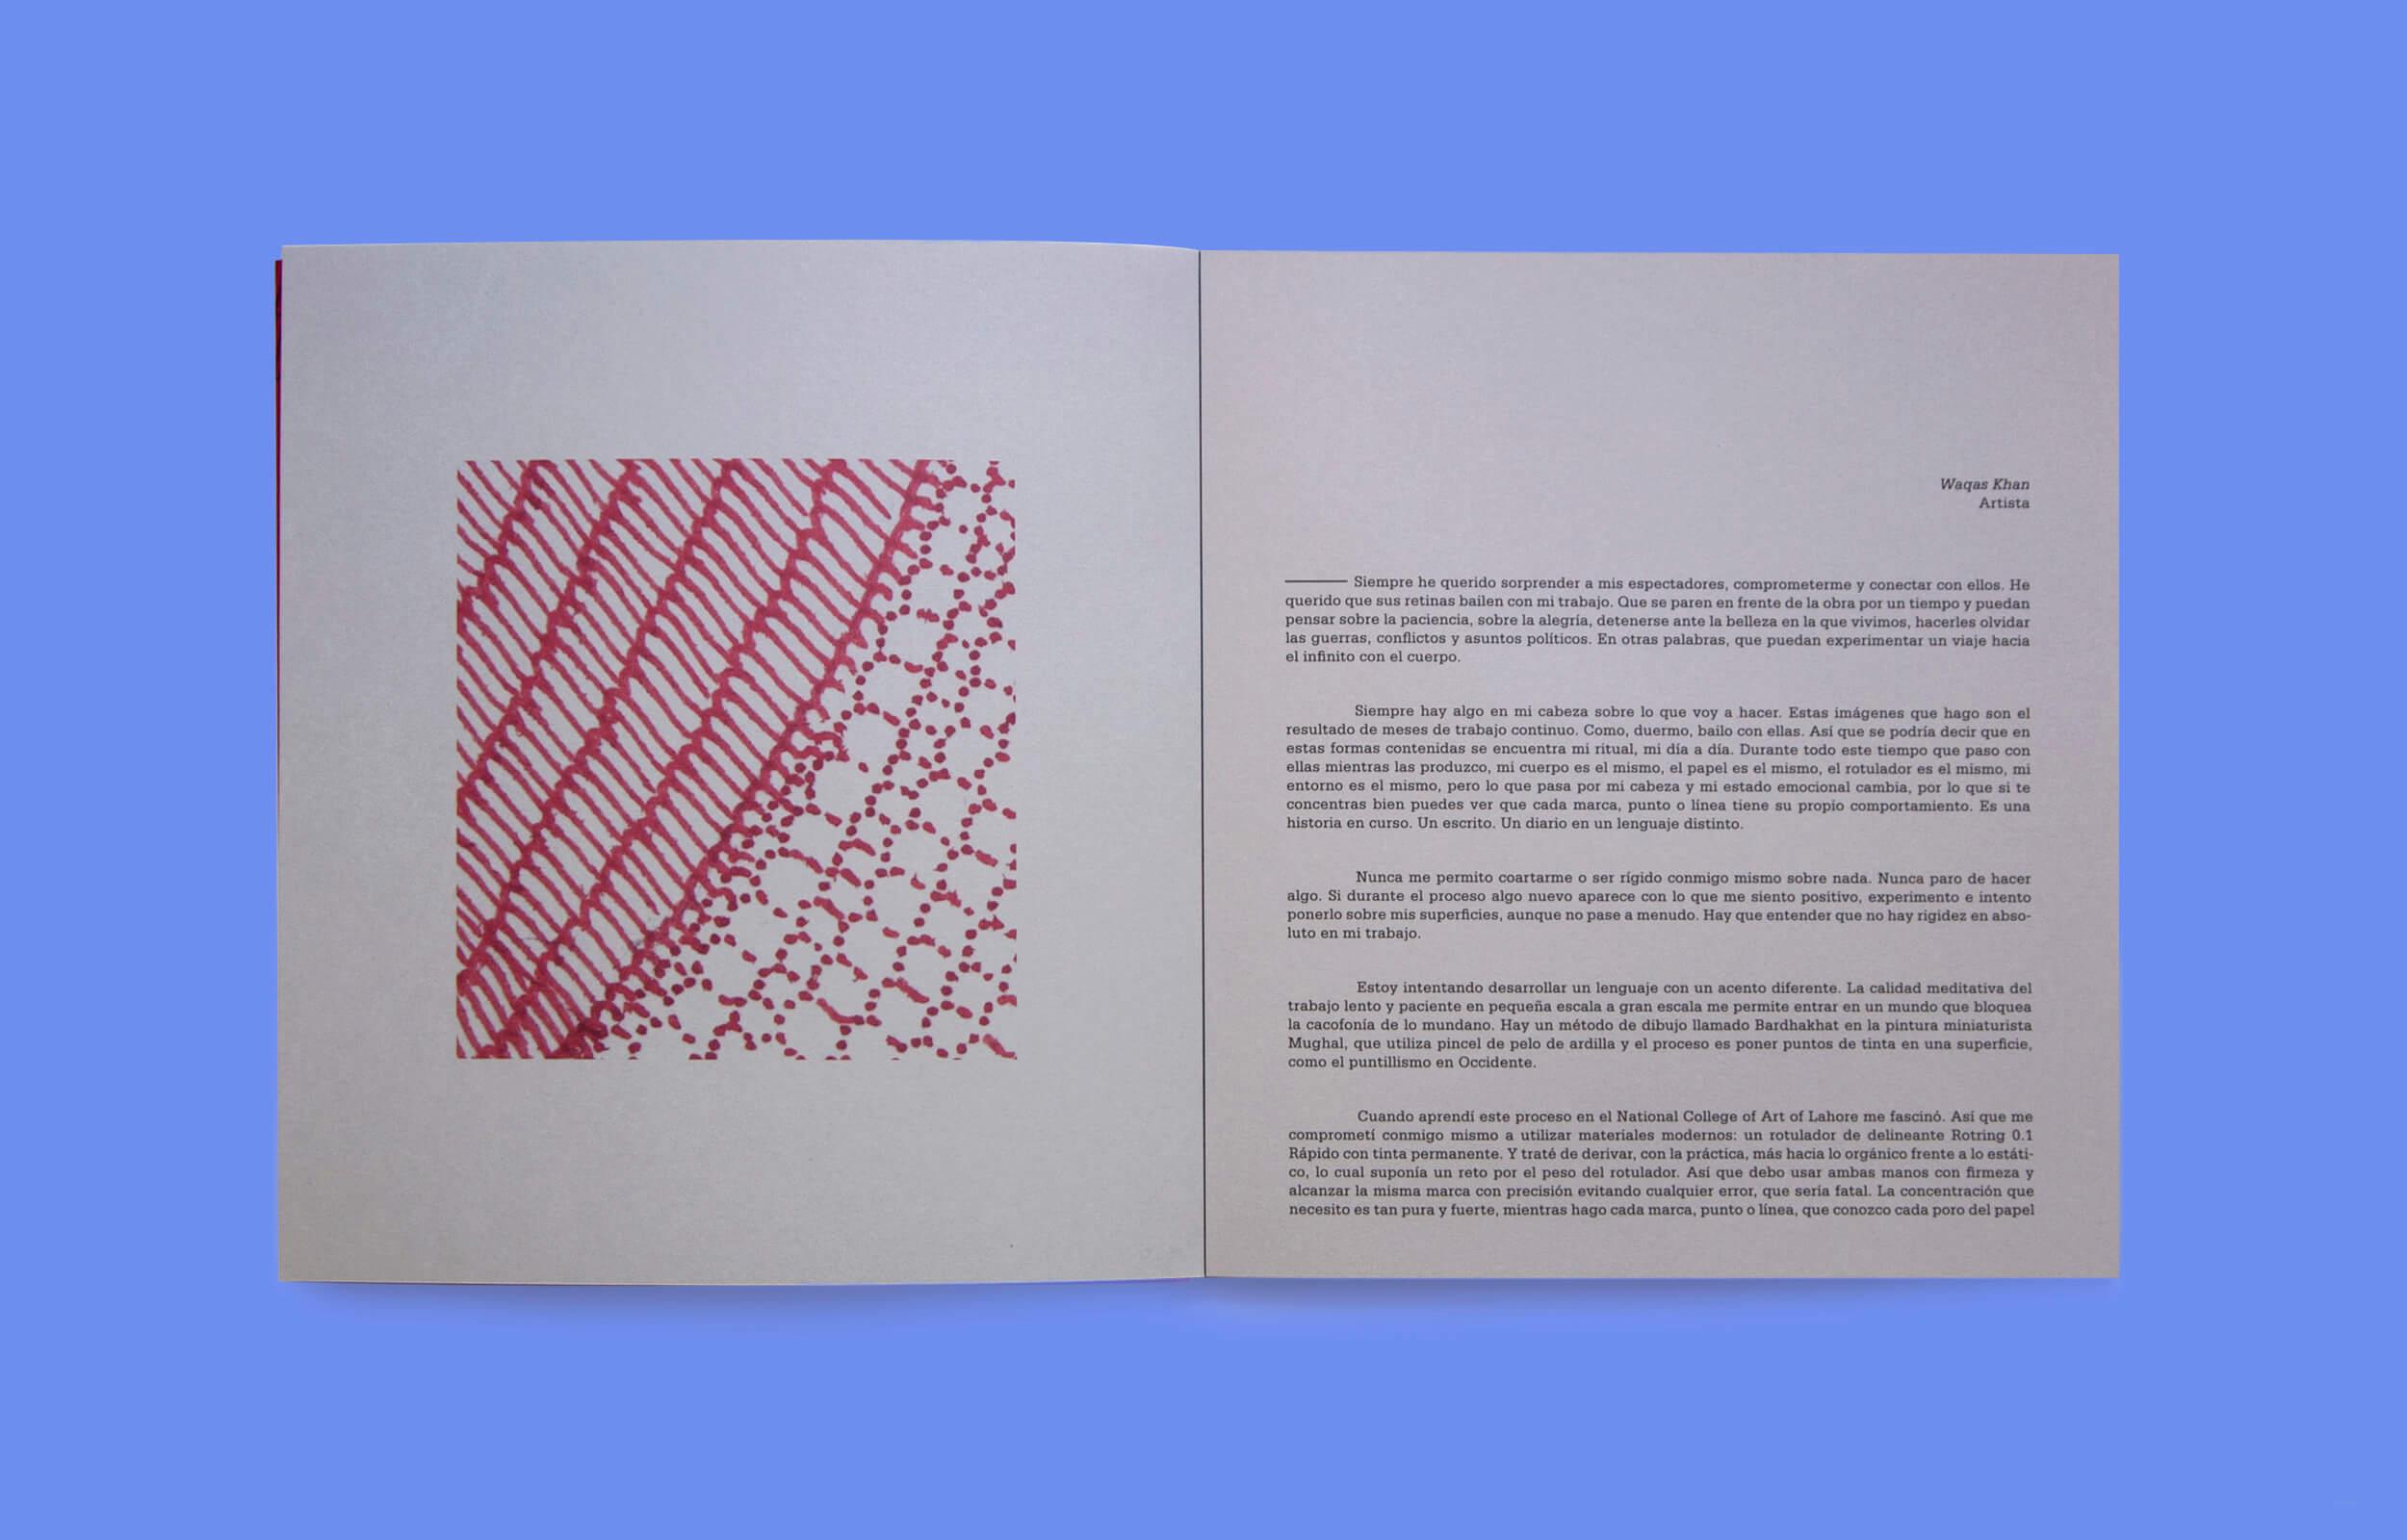 """Detalle interior del libro """"The Untitled Show"""" del artista Pakistaní Waqas Khan"""